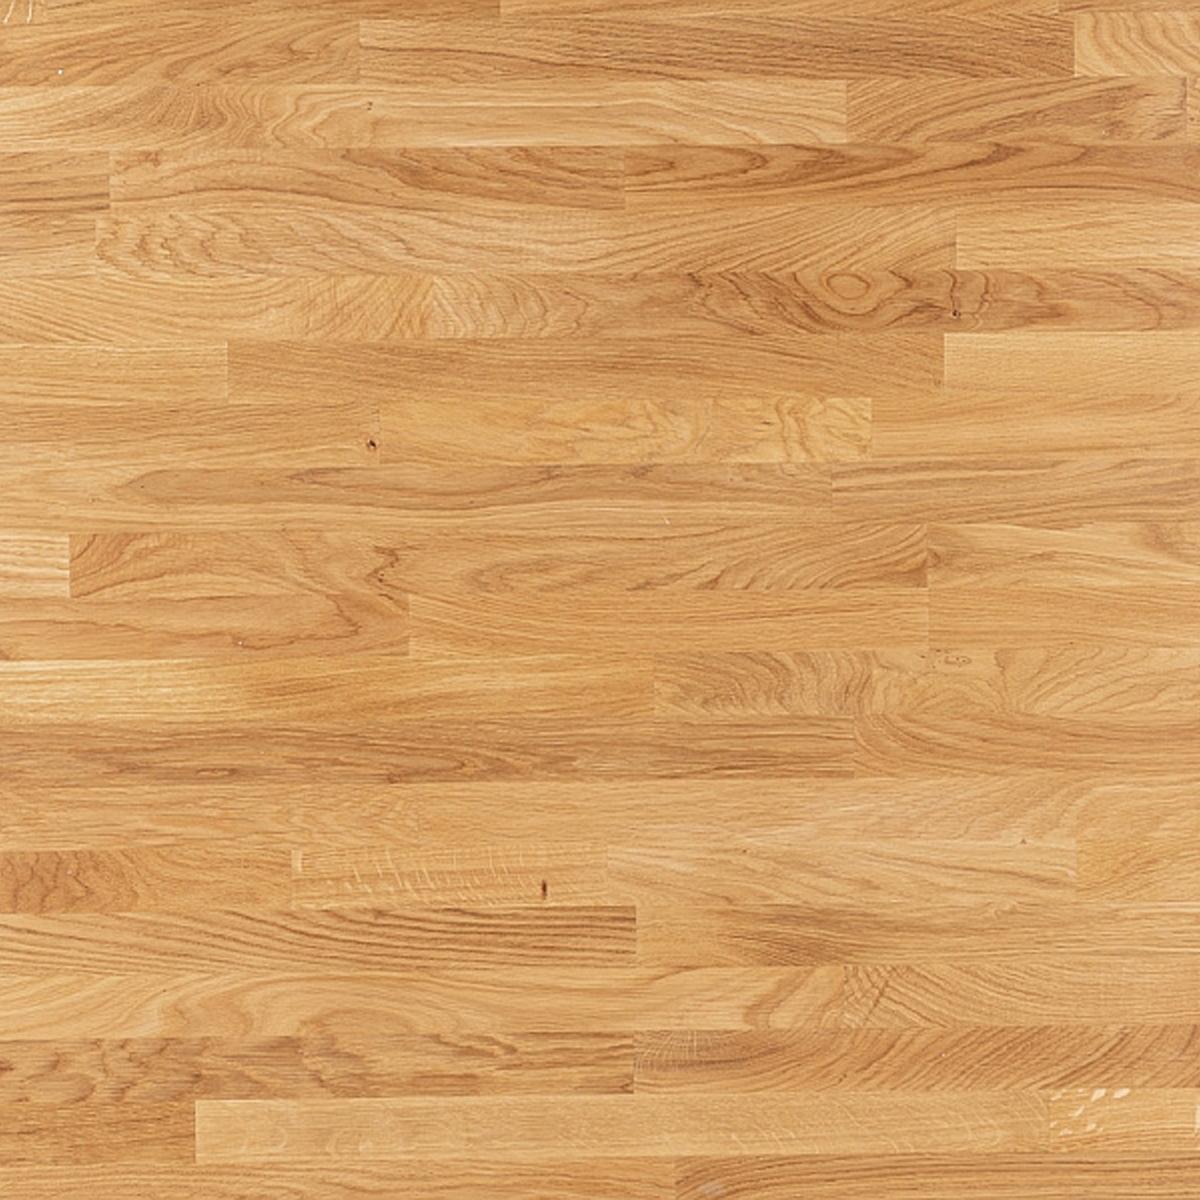 Esstisch Massivholz 504107-1